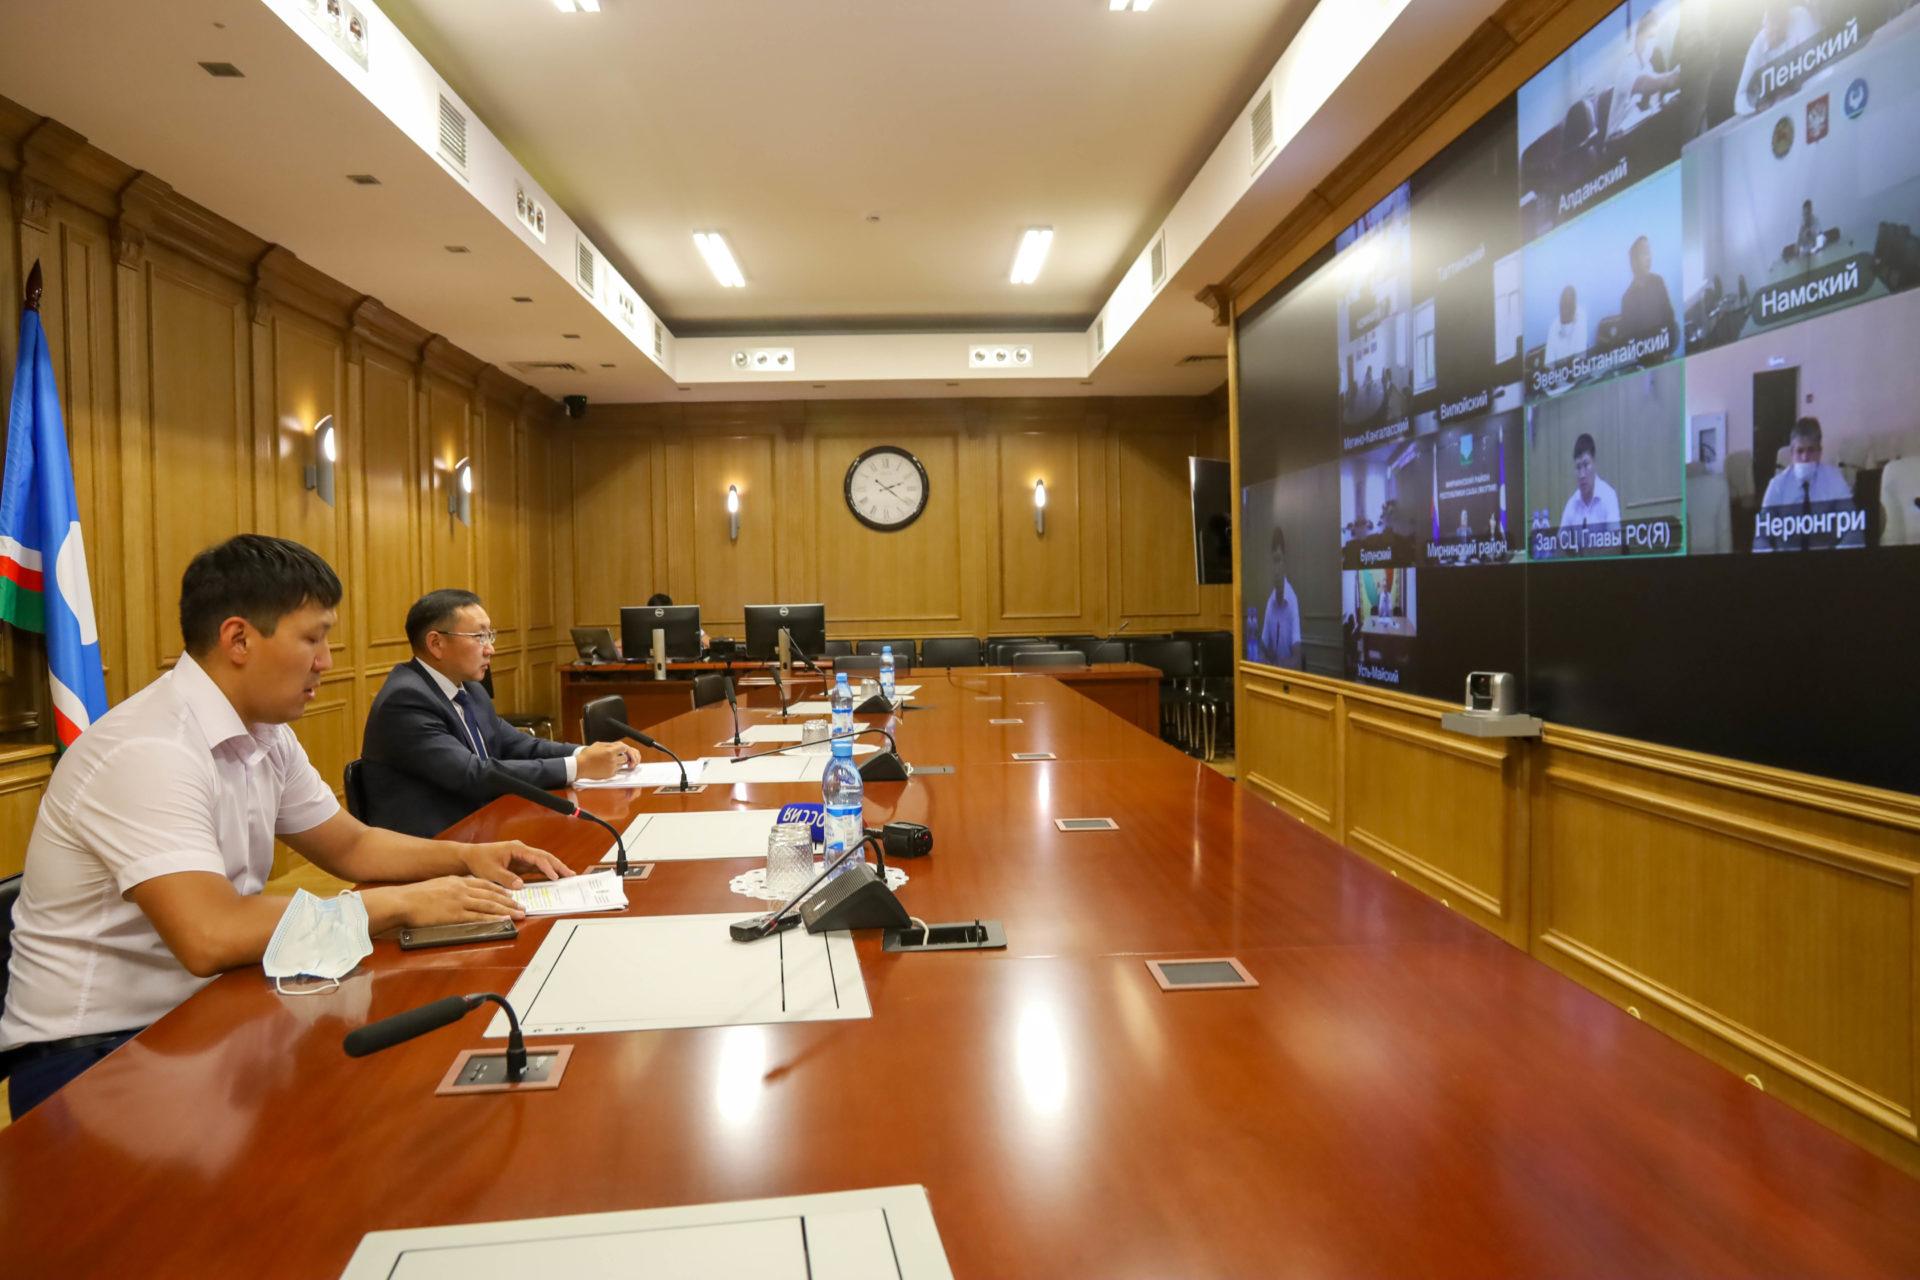 Зима не за горами: в Якутии предстоит подготовить 1 191 котельную и почти 4 тысячи км тепловых сетей